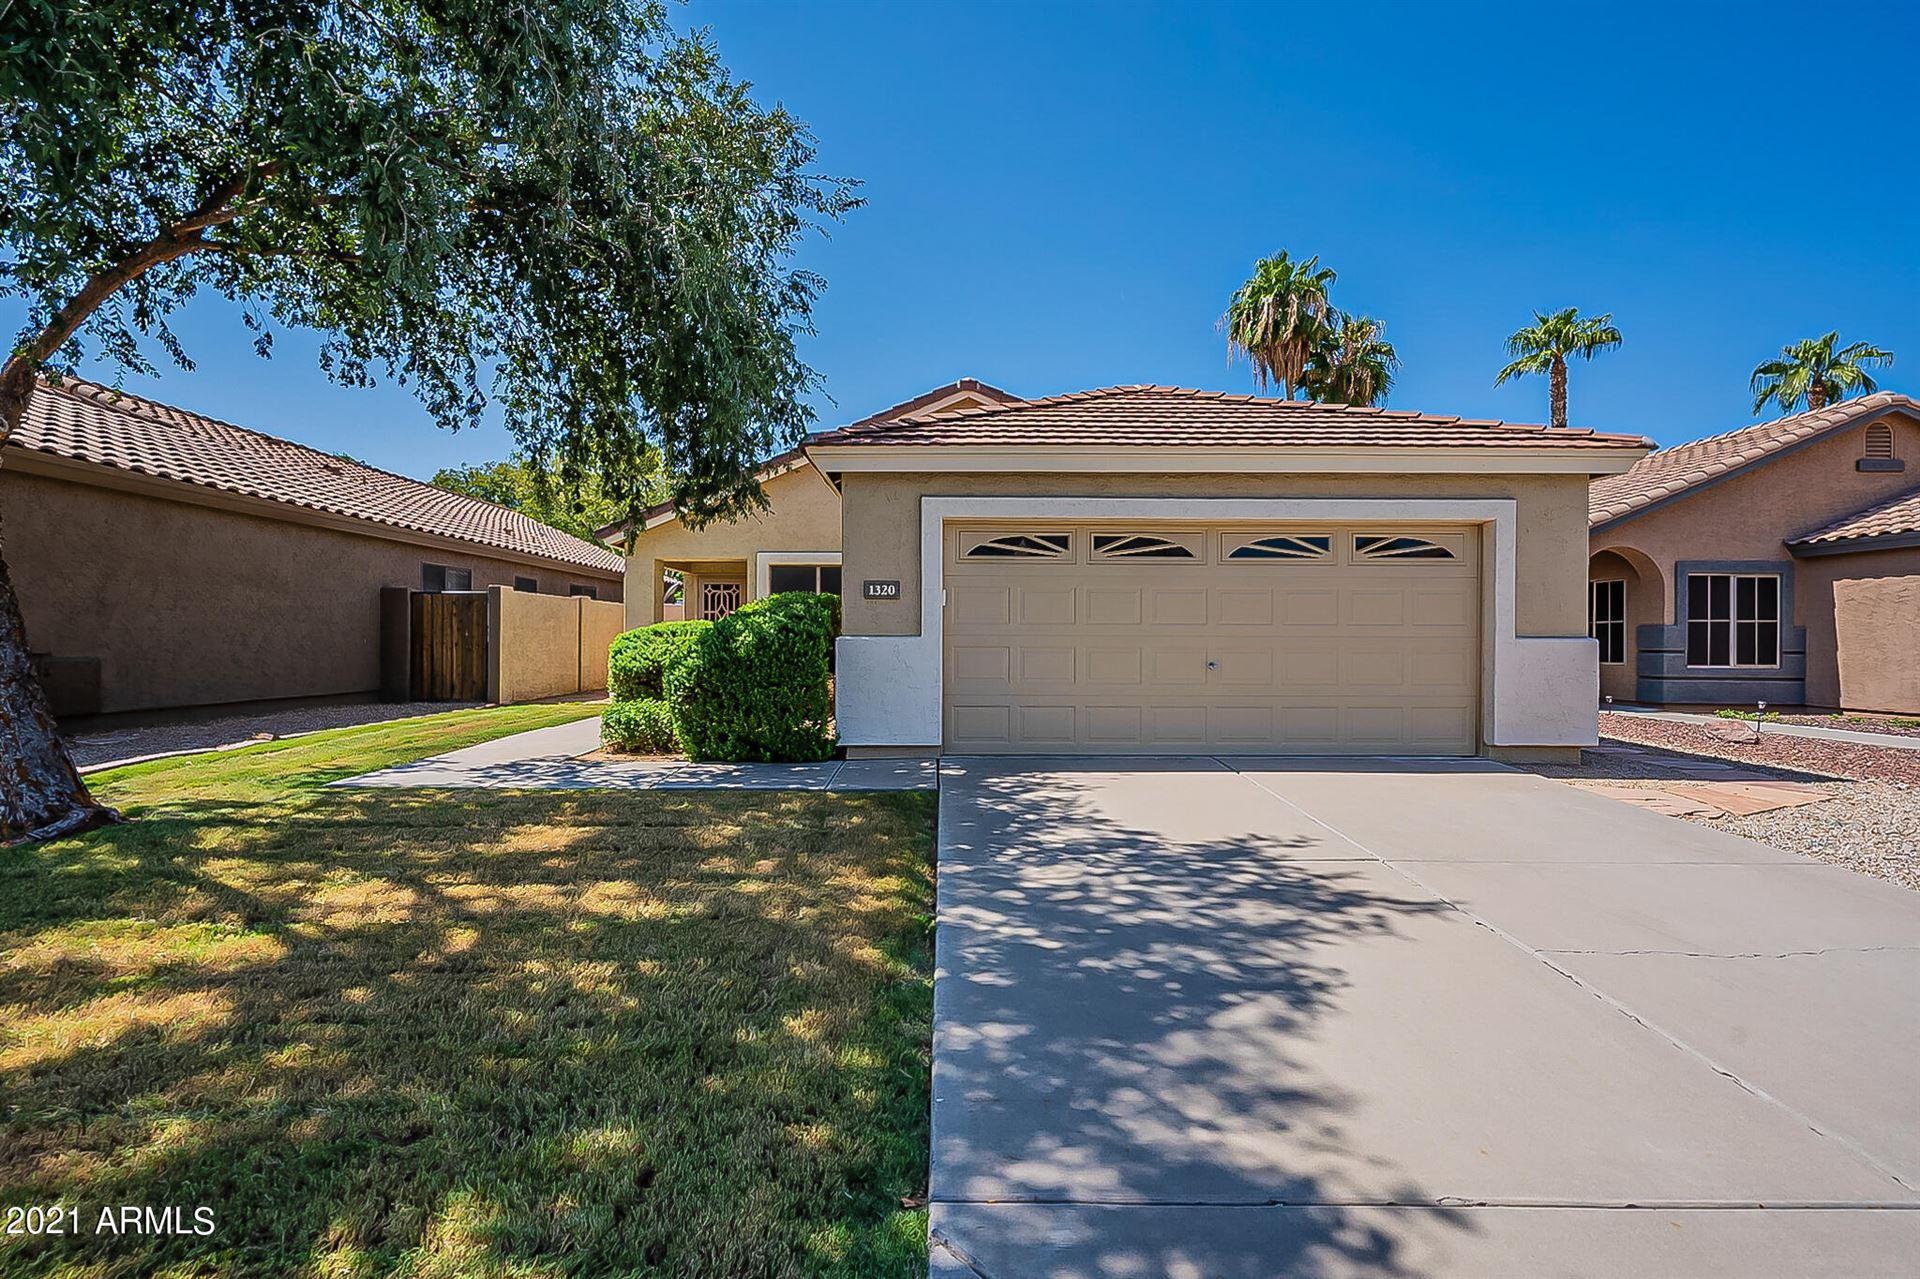 Photo of 1320 S PORTER Street, Gilbert, AZ 85296 (MLS # 6292201)